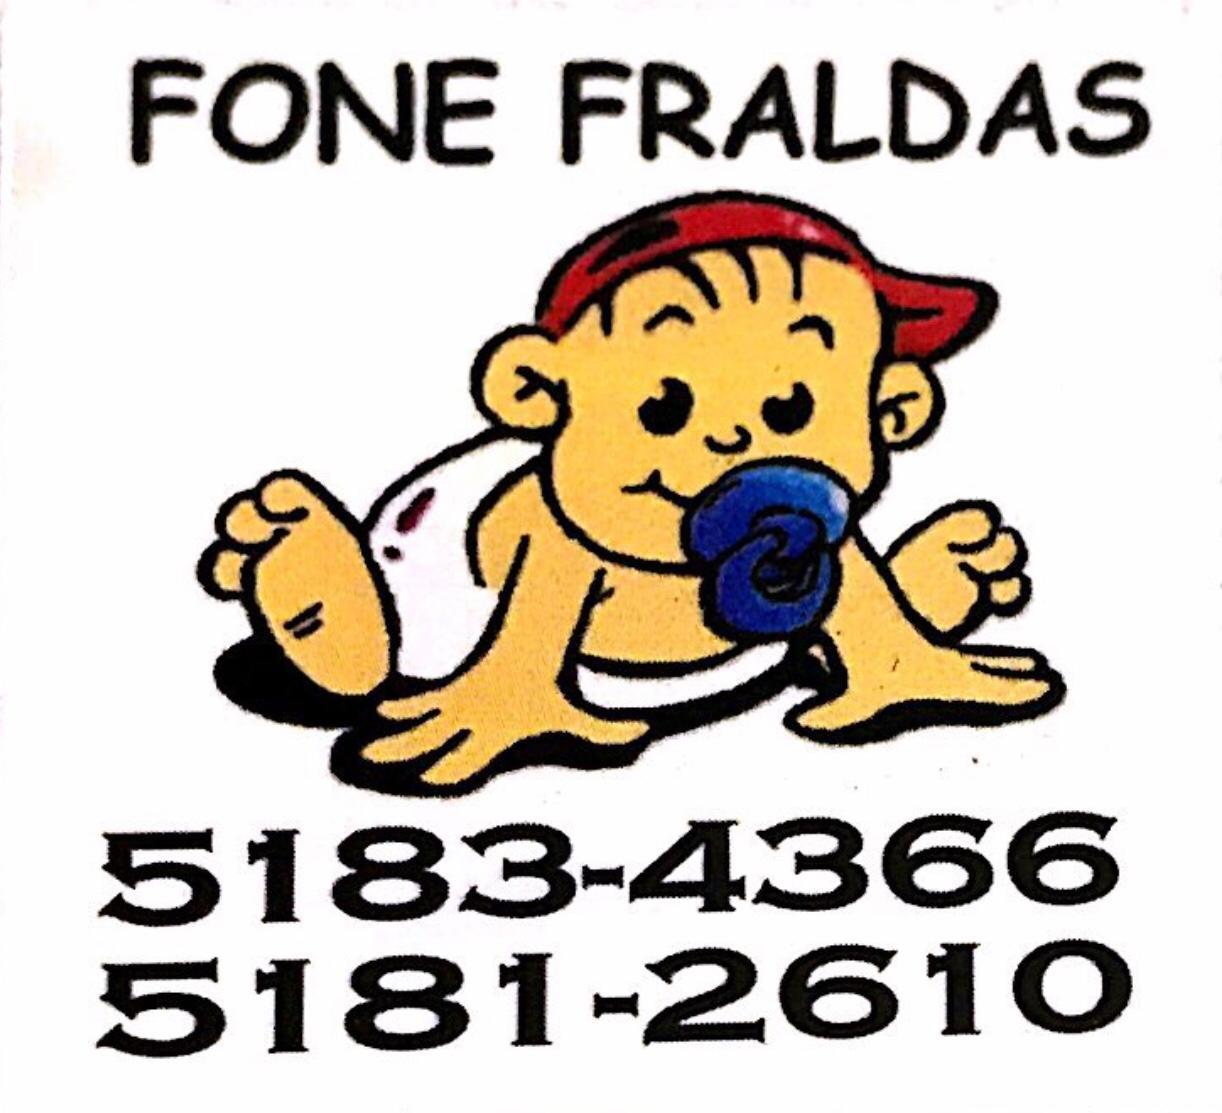 FONE FRALDAS